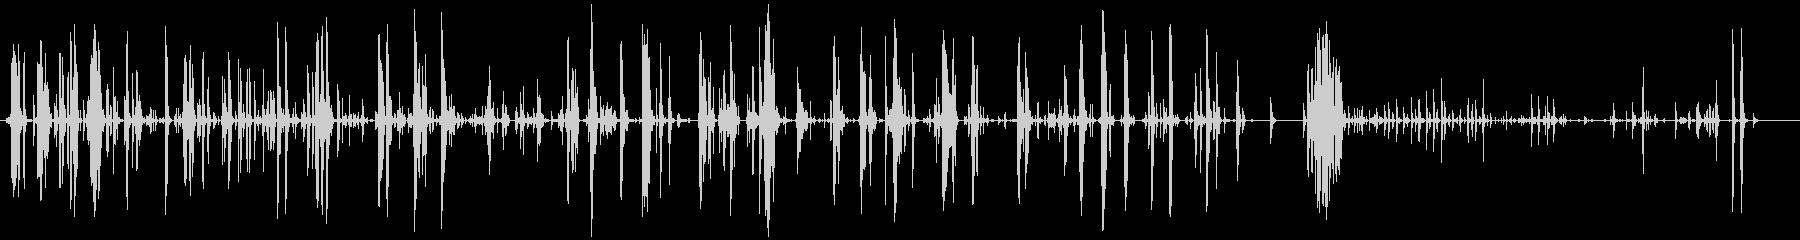 家庭 カップガラガラハード03の未再生の波形